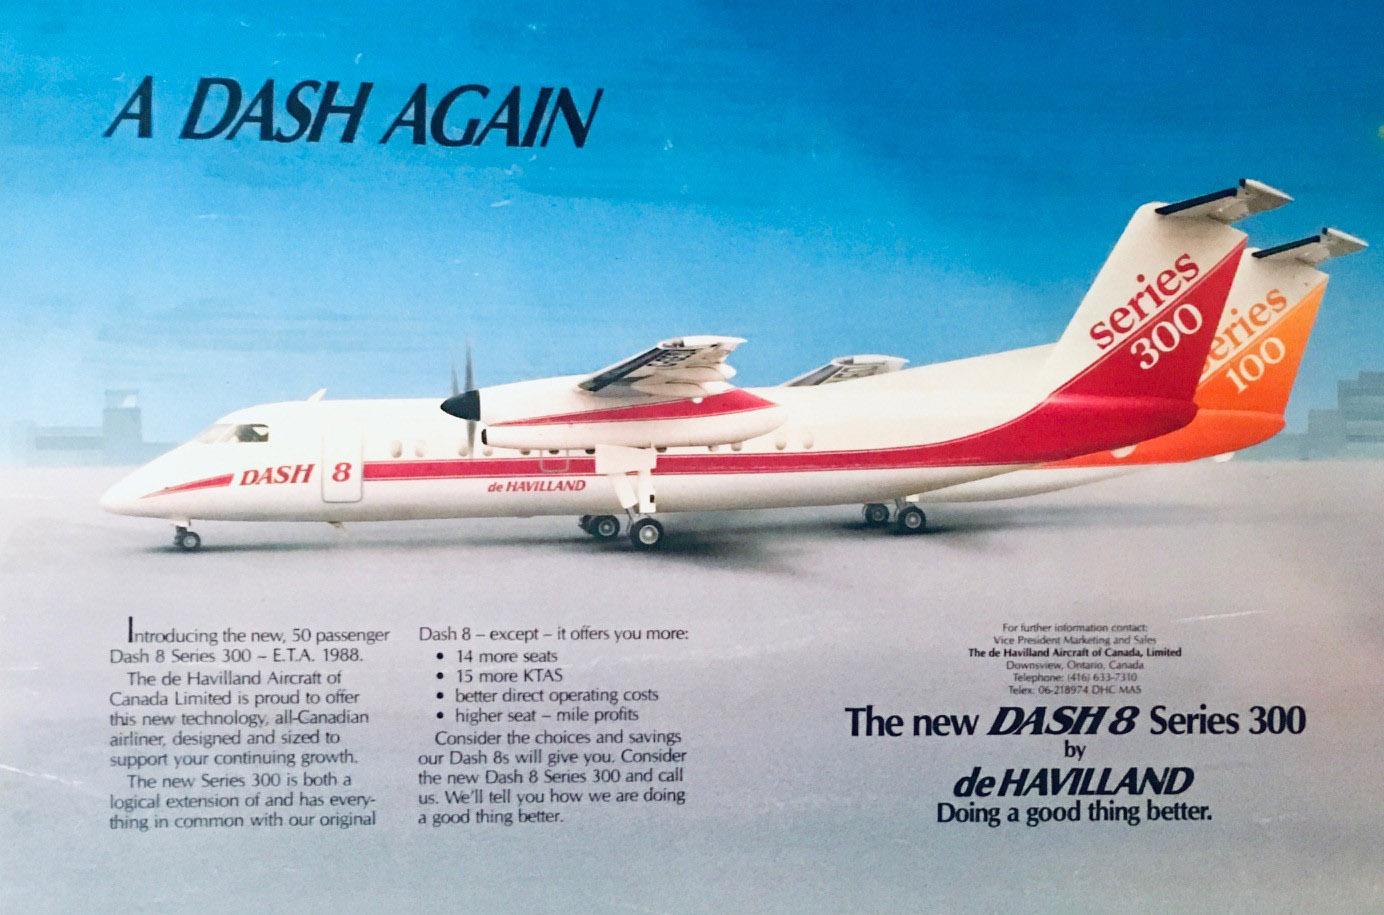 Dash 8 advertisement